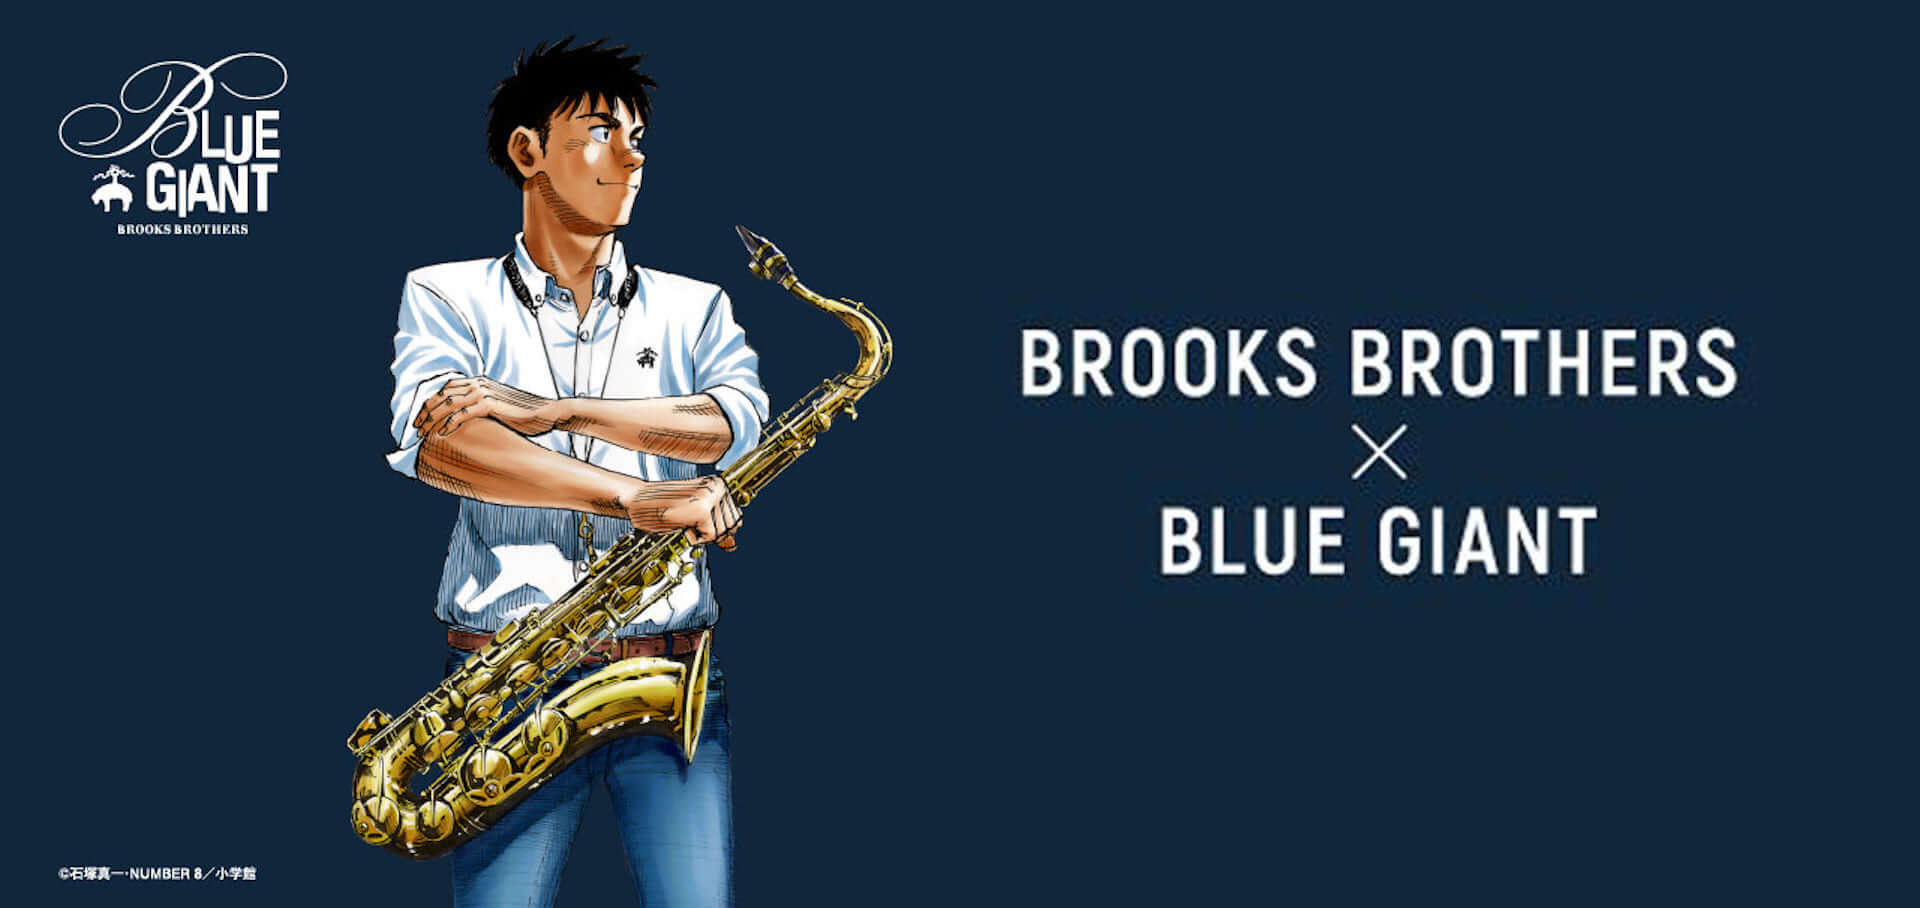 ジャズ漫画『BLUE GIANT』と「ブルックス ブラザーズ」のコラボ企画が大阪で明日開幕!シャツの刺繍サービスやマルチケースのプレゼントも art210322_brooksbrothers-bluegiant_3-1920x908